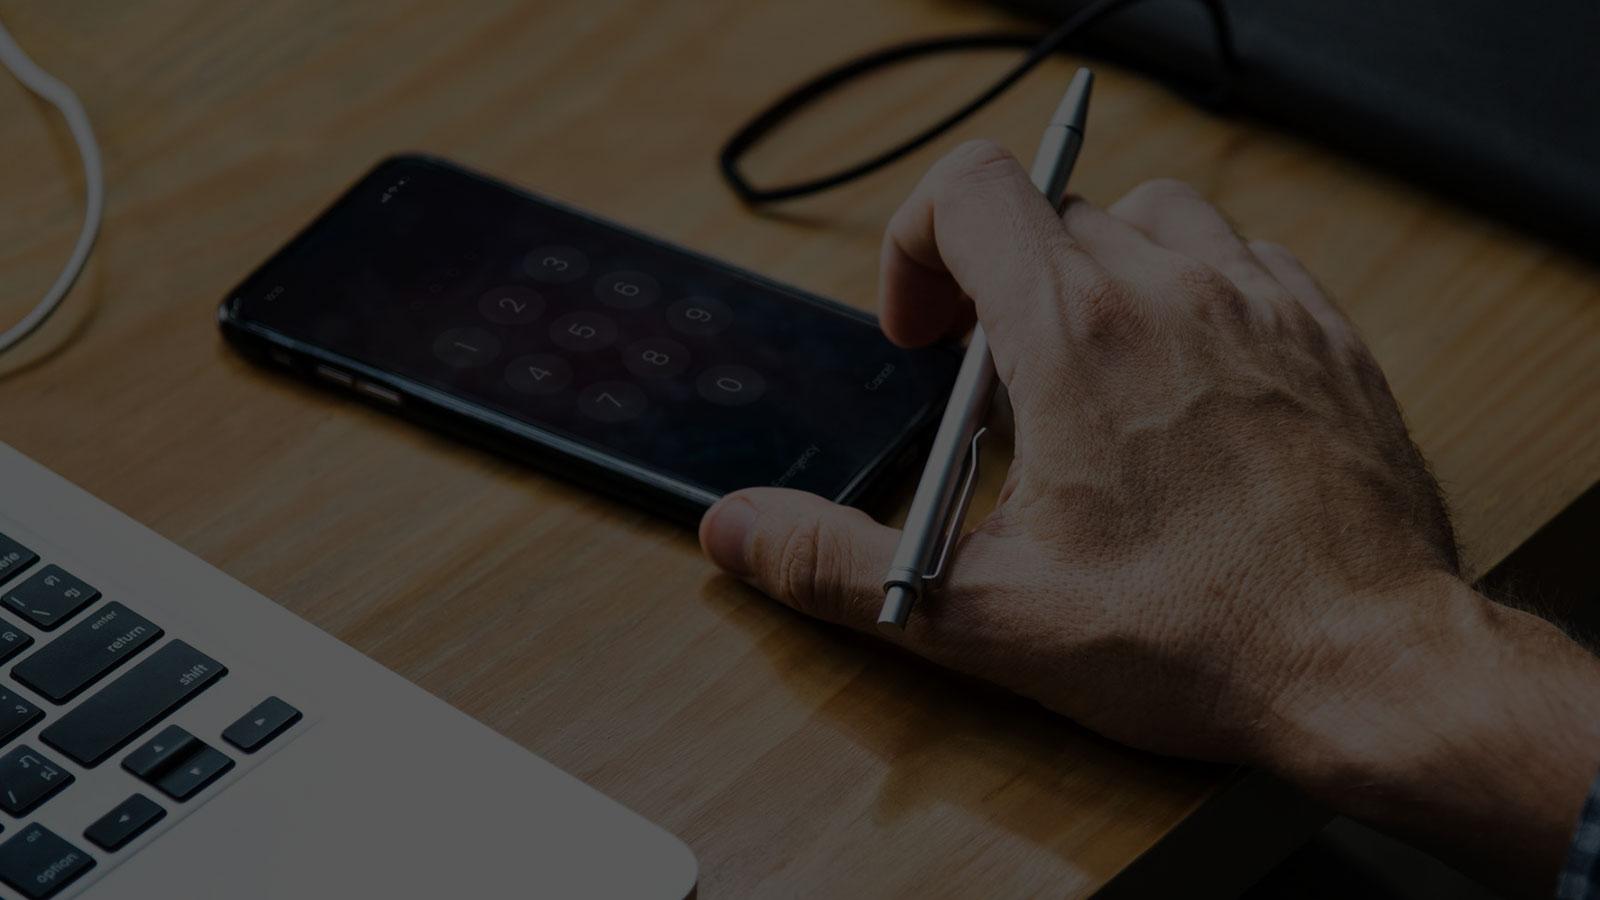 bloquear smartphone corporativo Pulsus